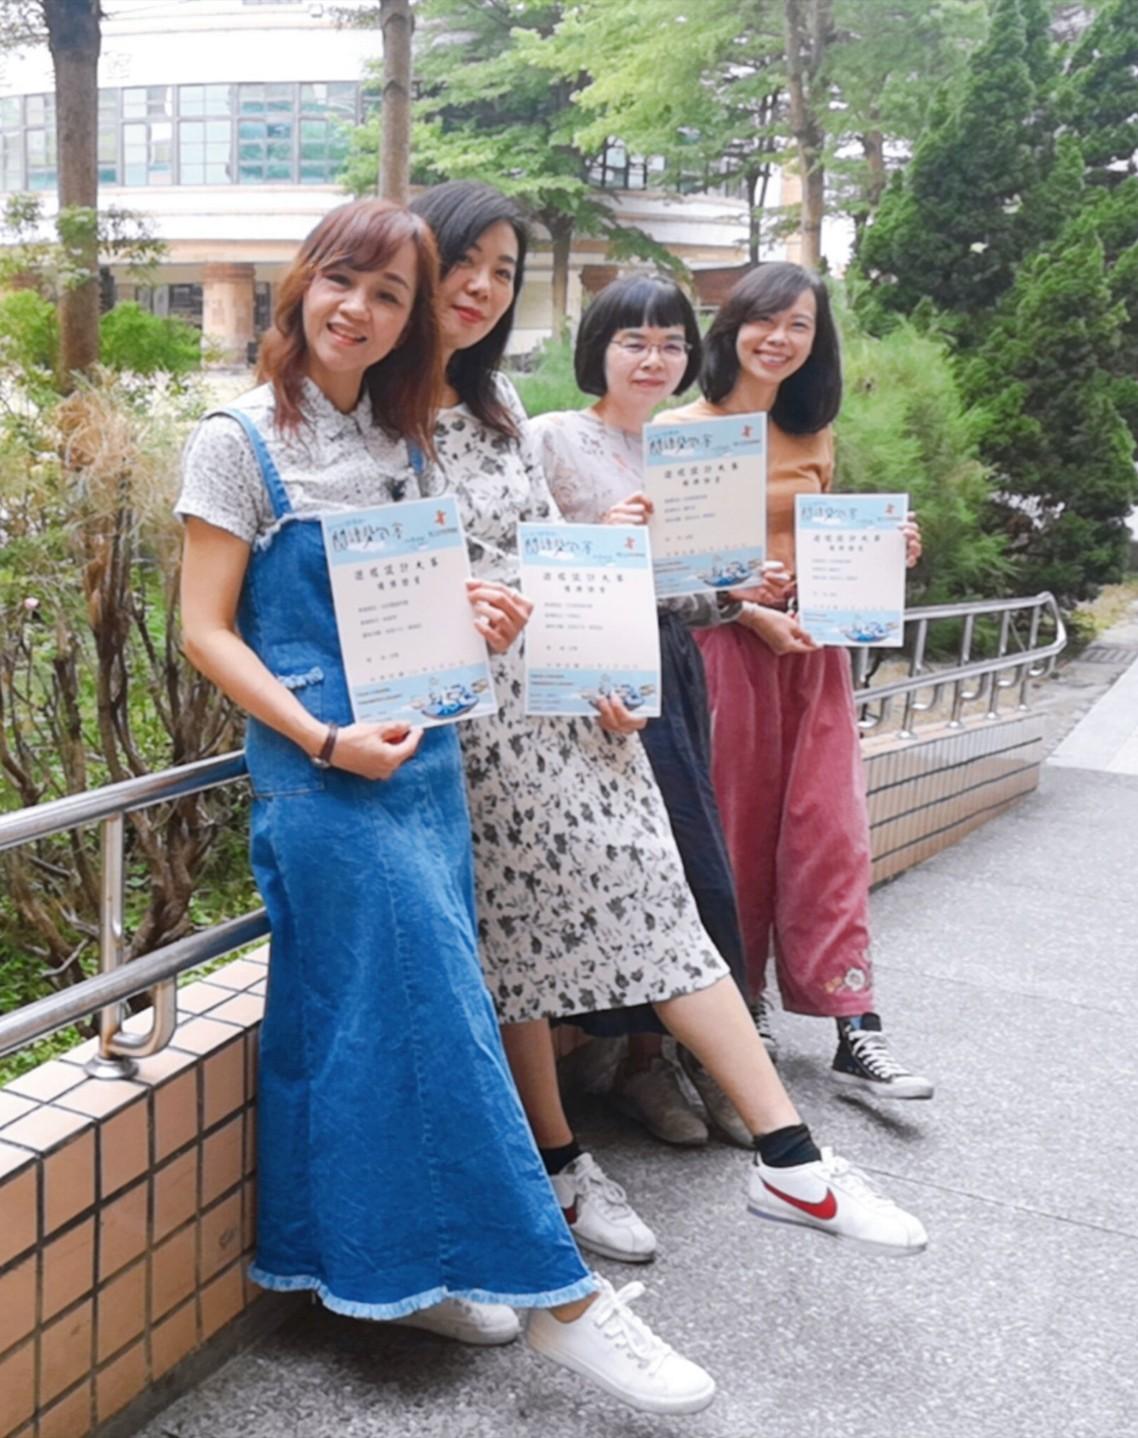 閱讀背包客遊程設計賽 中市至善國中「老派少女 嬉遊記」獲首獎